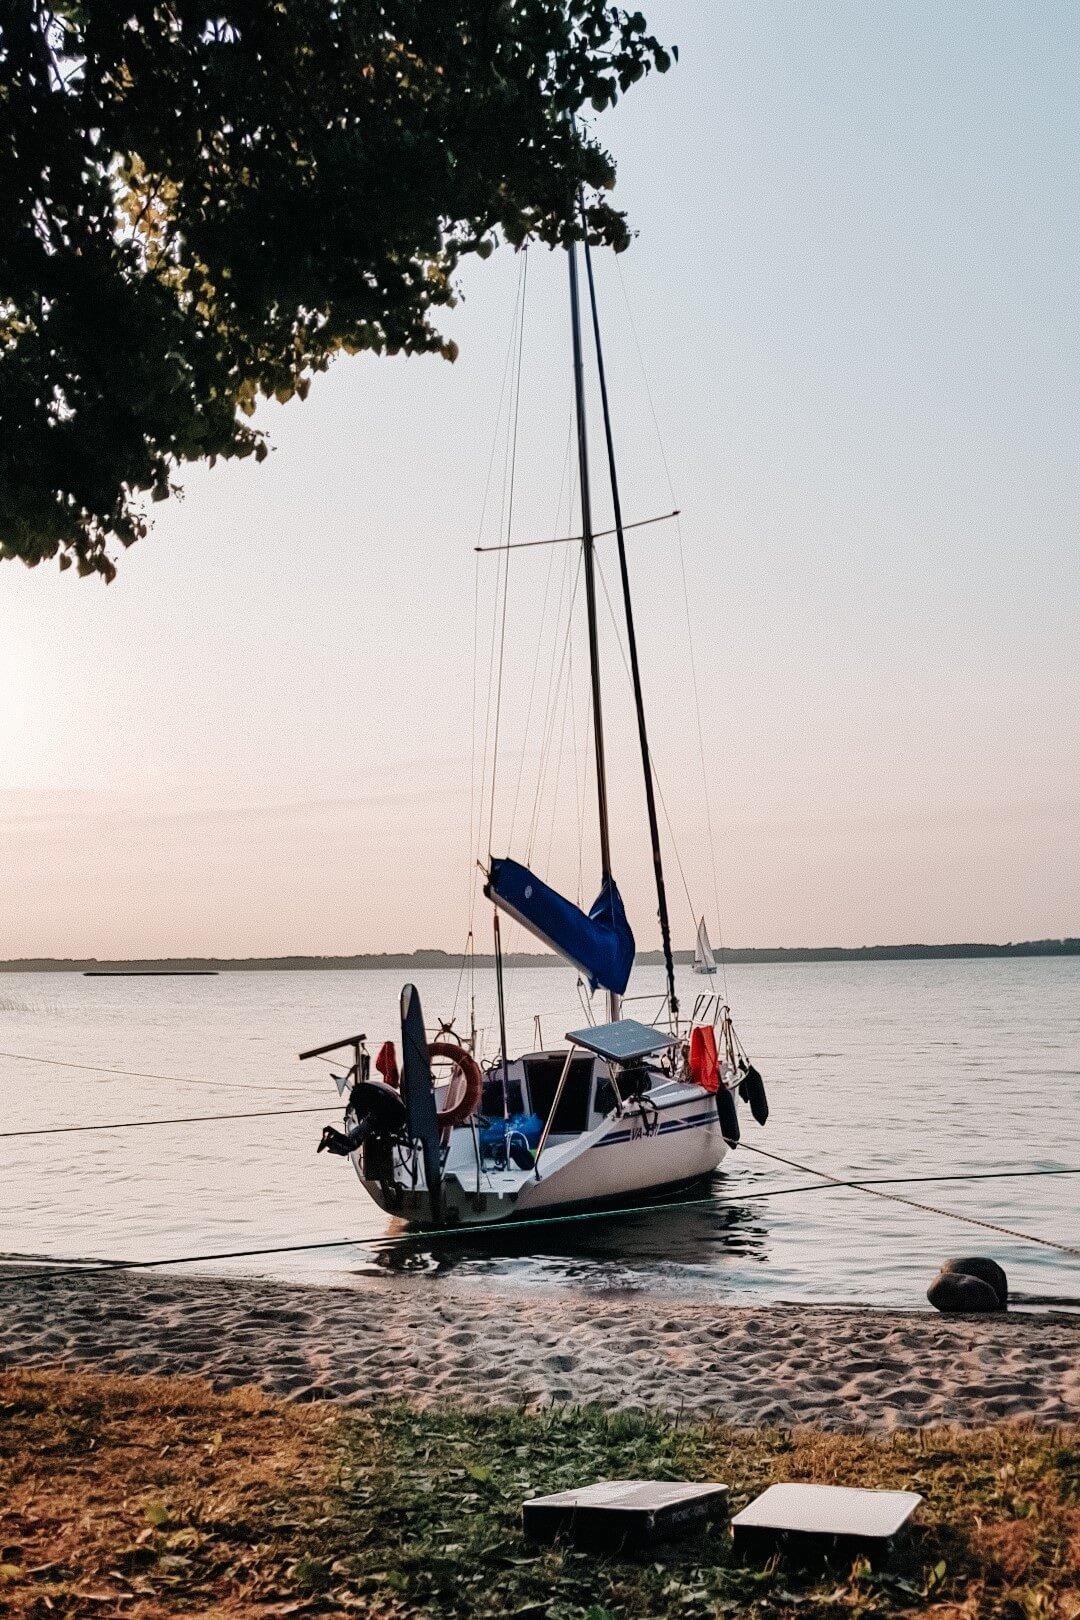 Łódka zacumowana przy plaży.